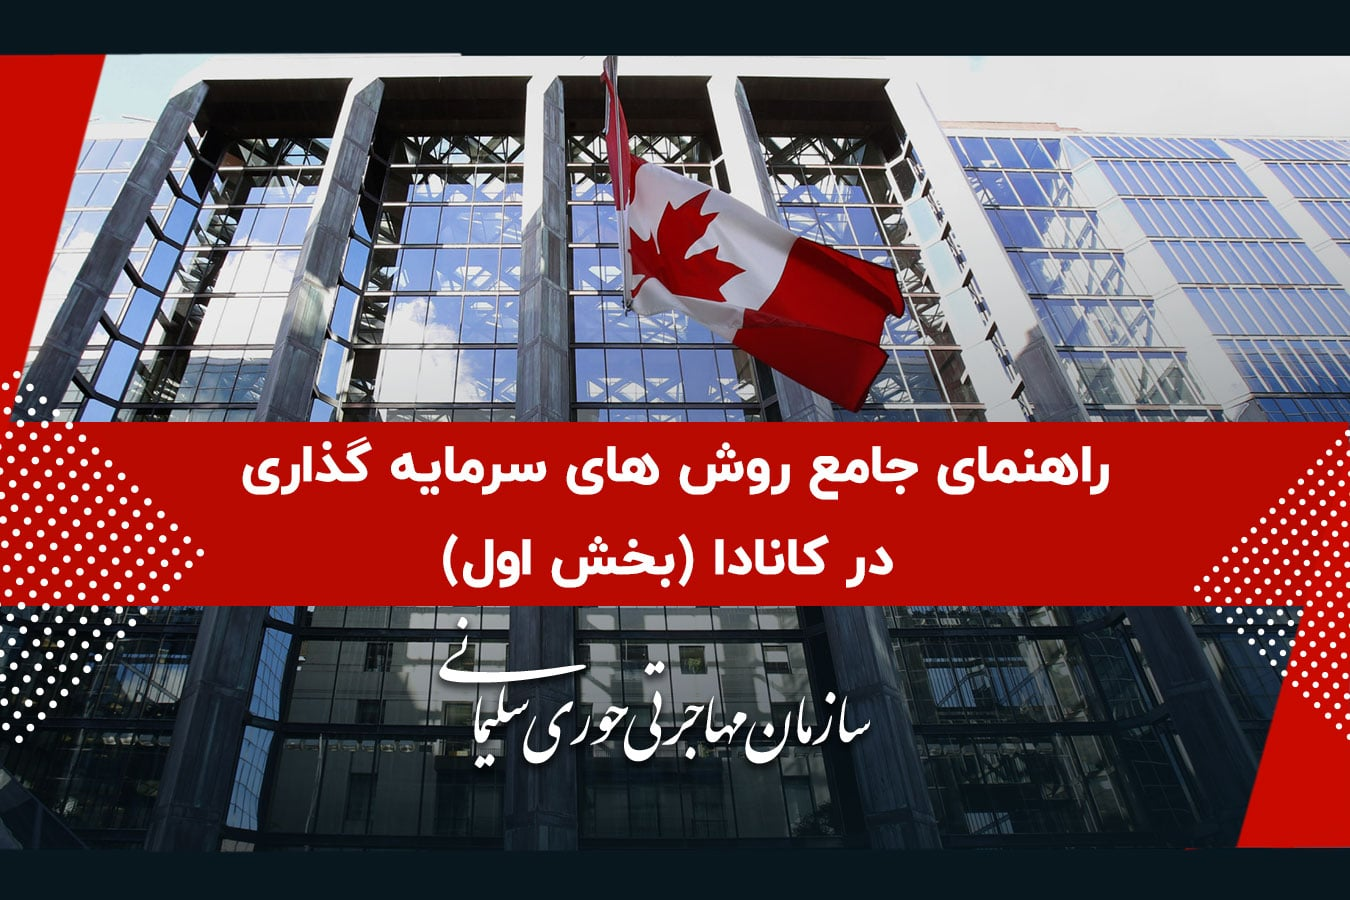 روش های سرمایه گذاری در کانادا